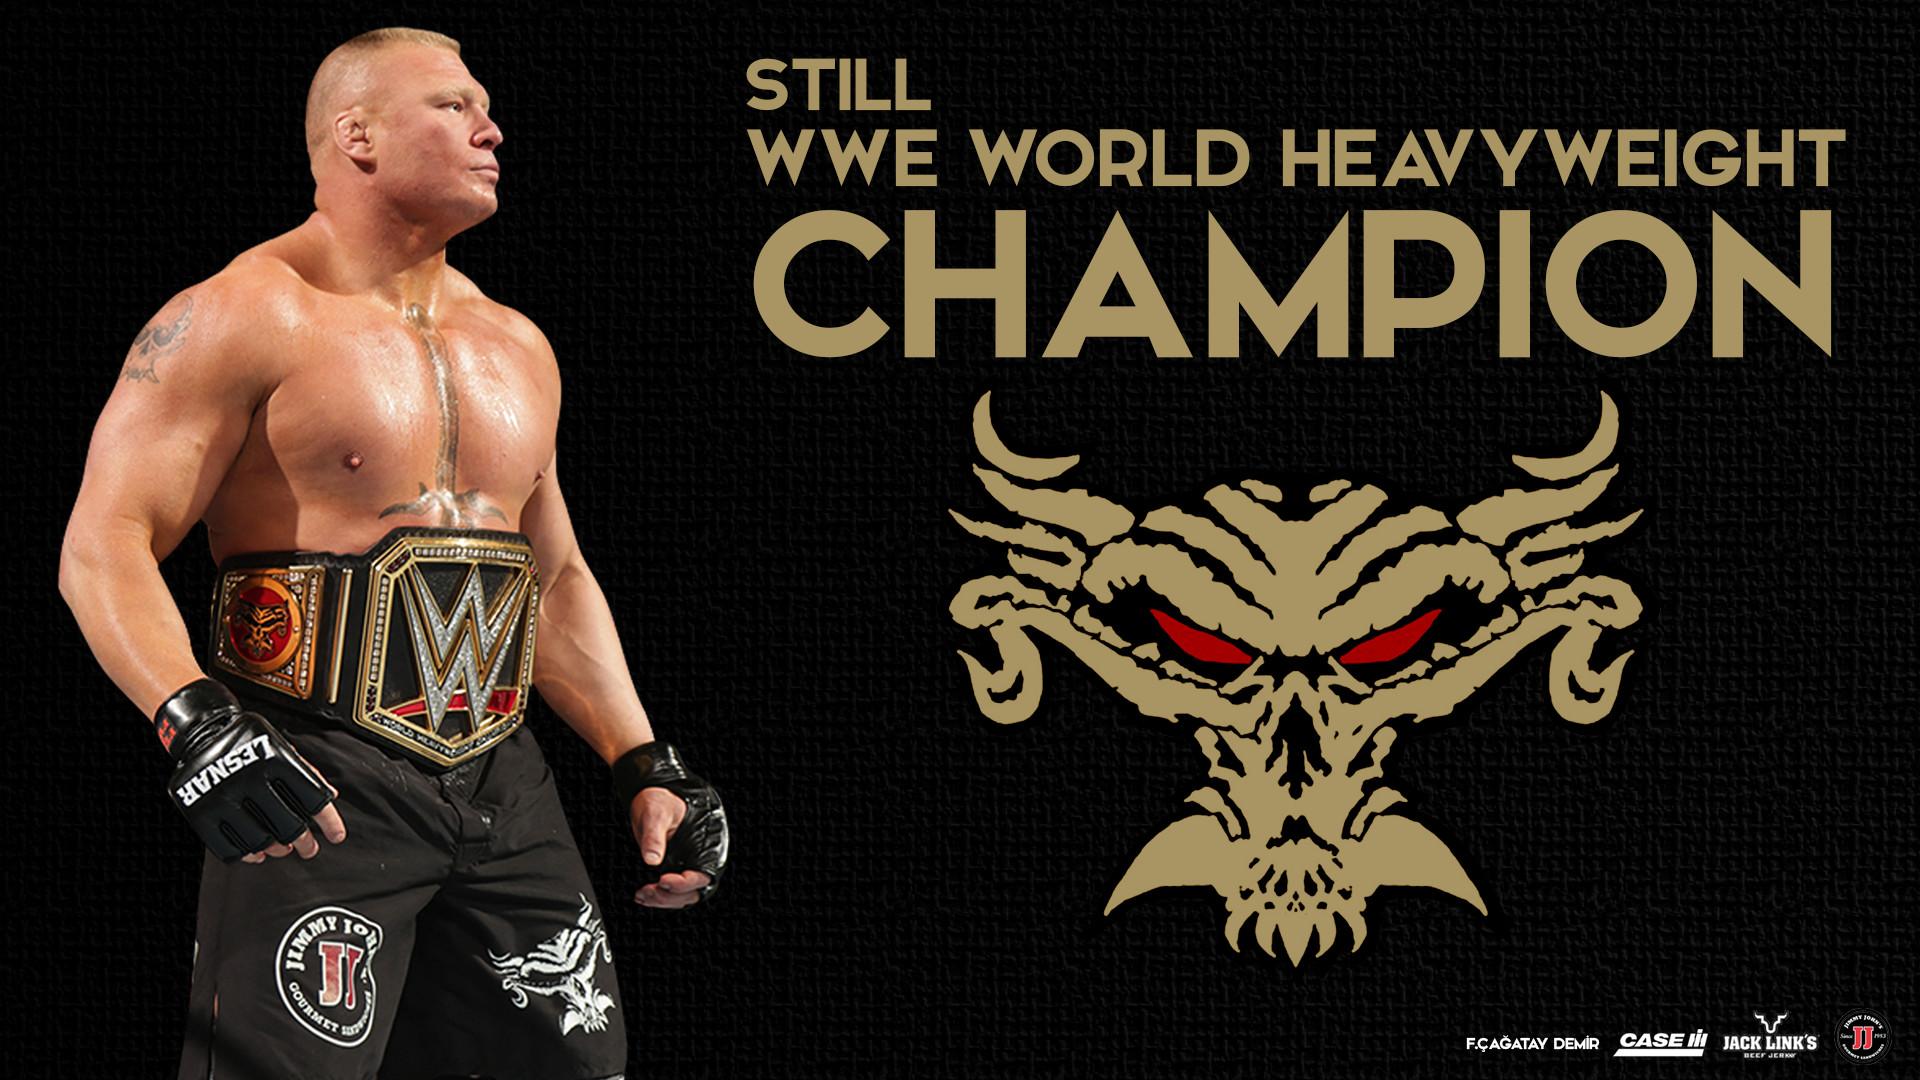 1920x1080 Still WWE WORLD HEAVYWEIGHT CHAMPION by CagatayDemir Still WWE WORLD HEAVYWEIGHT CHAMPION by CagatayDemir